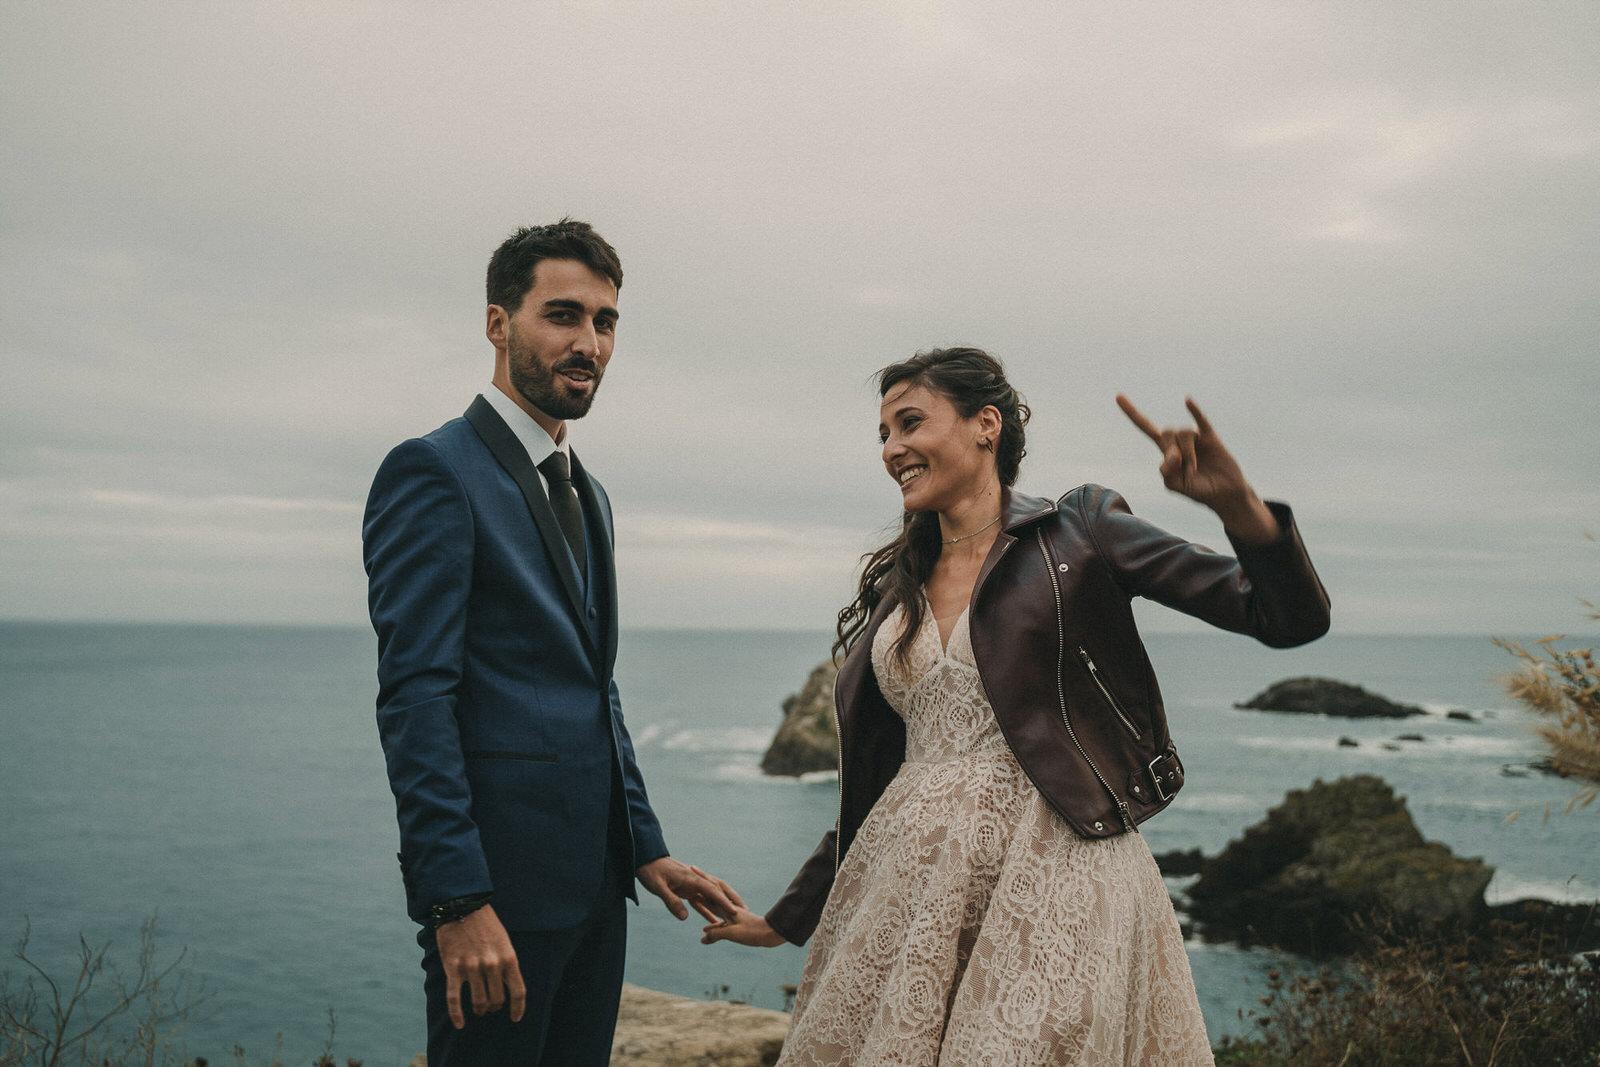 12903 Mariage Intime Élopement En Bord De Mer En Bretagne Rebecca Clement À Plougonvelin Www.antoineborzeix.fr , Photographe & Videaste à Brest / Finistère